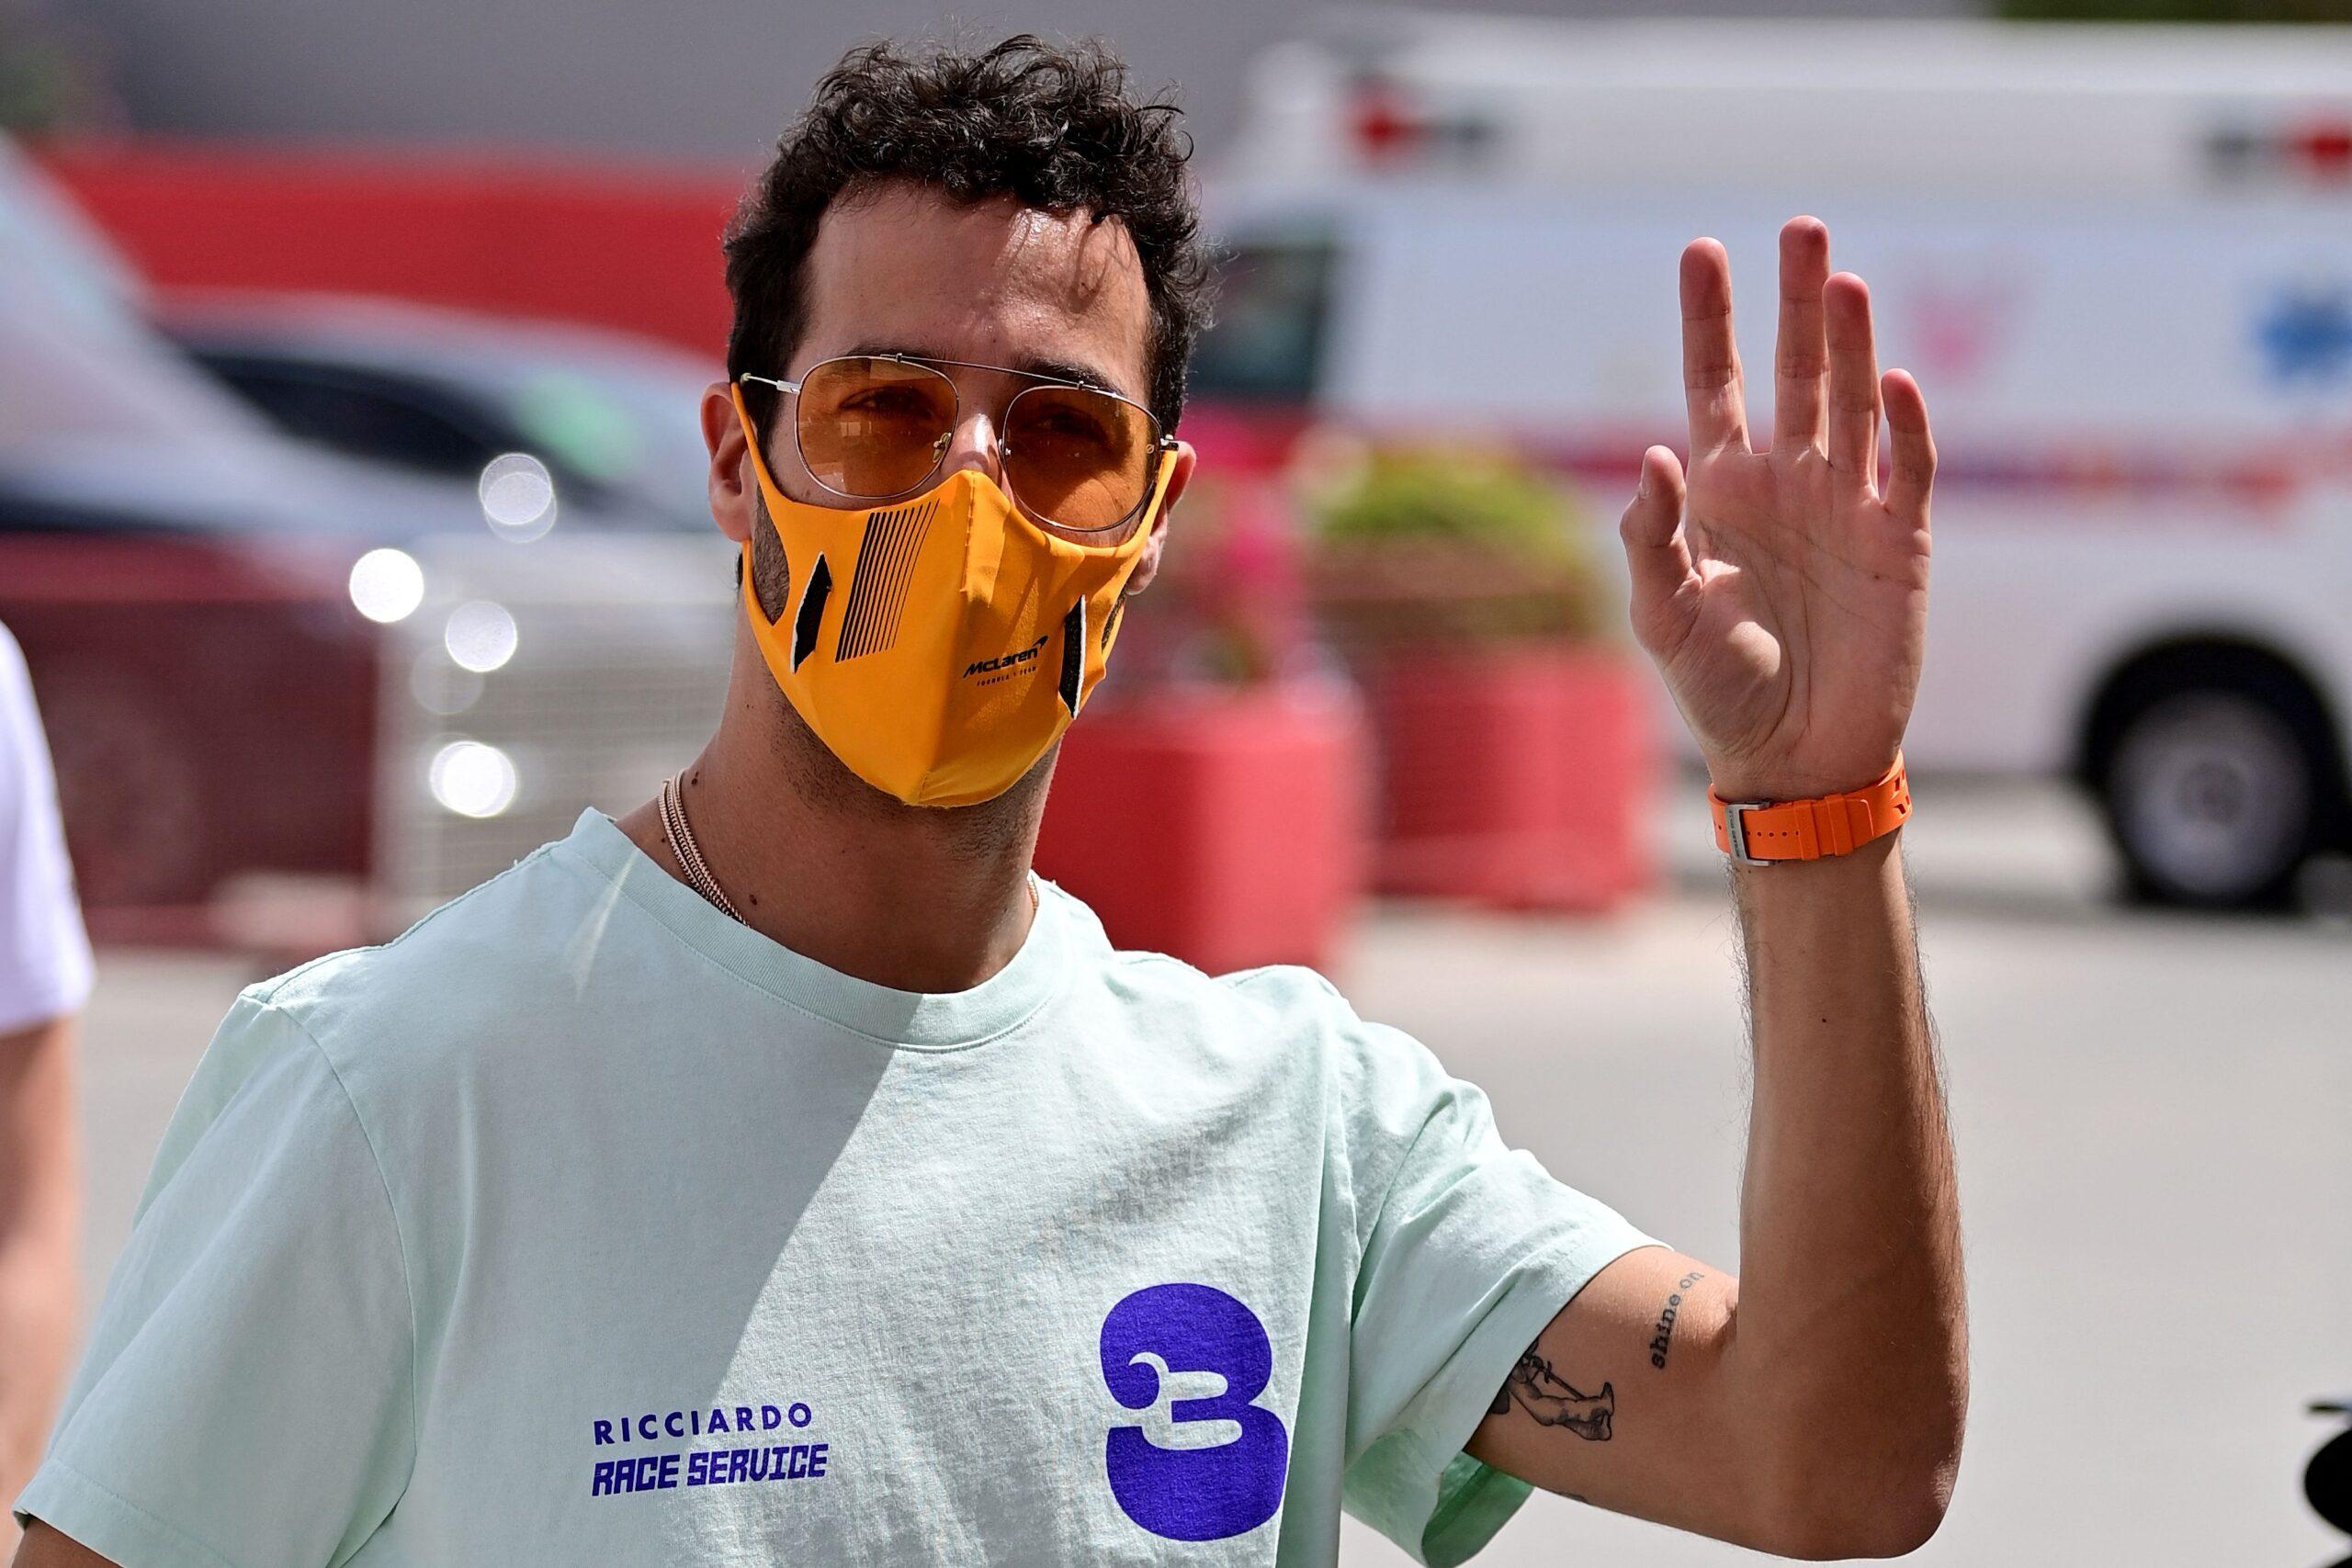 Grand Prix Bahrajnu Ricciardo